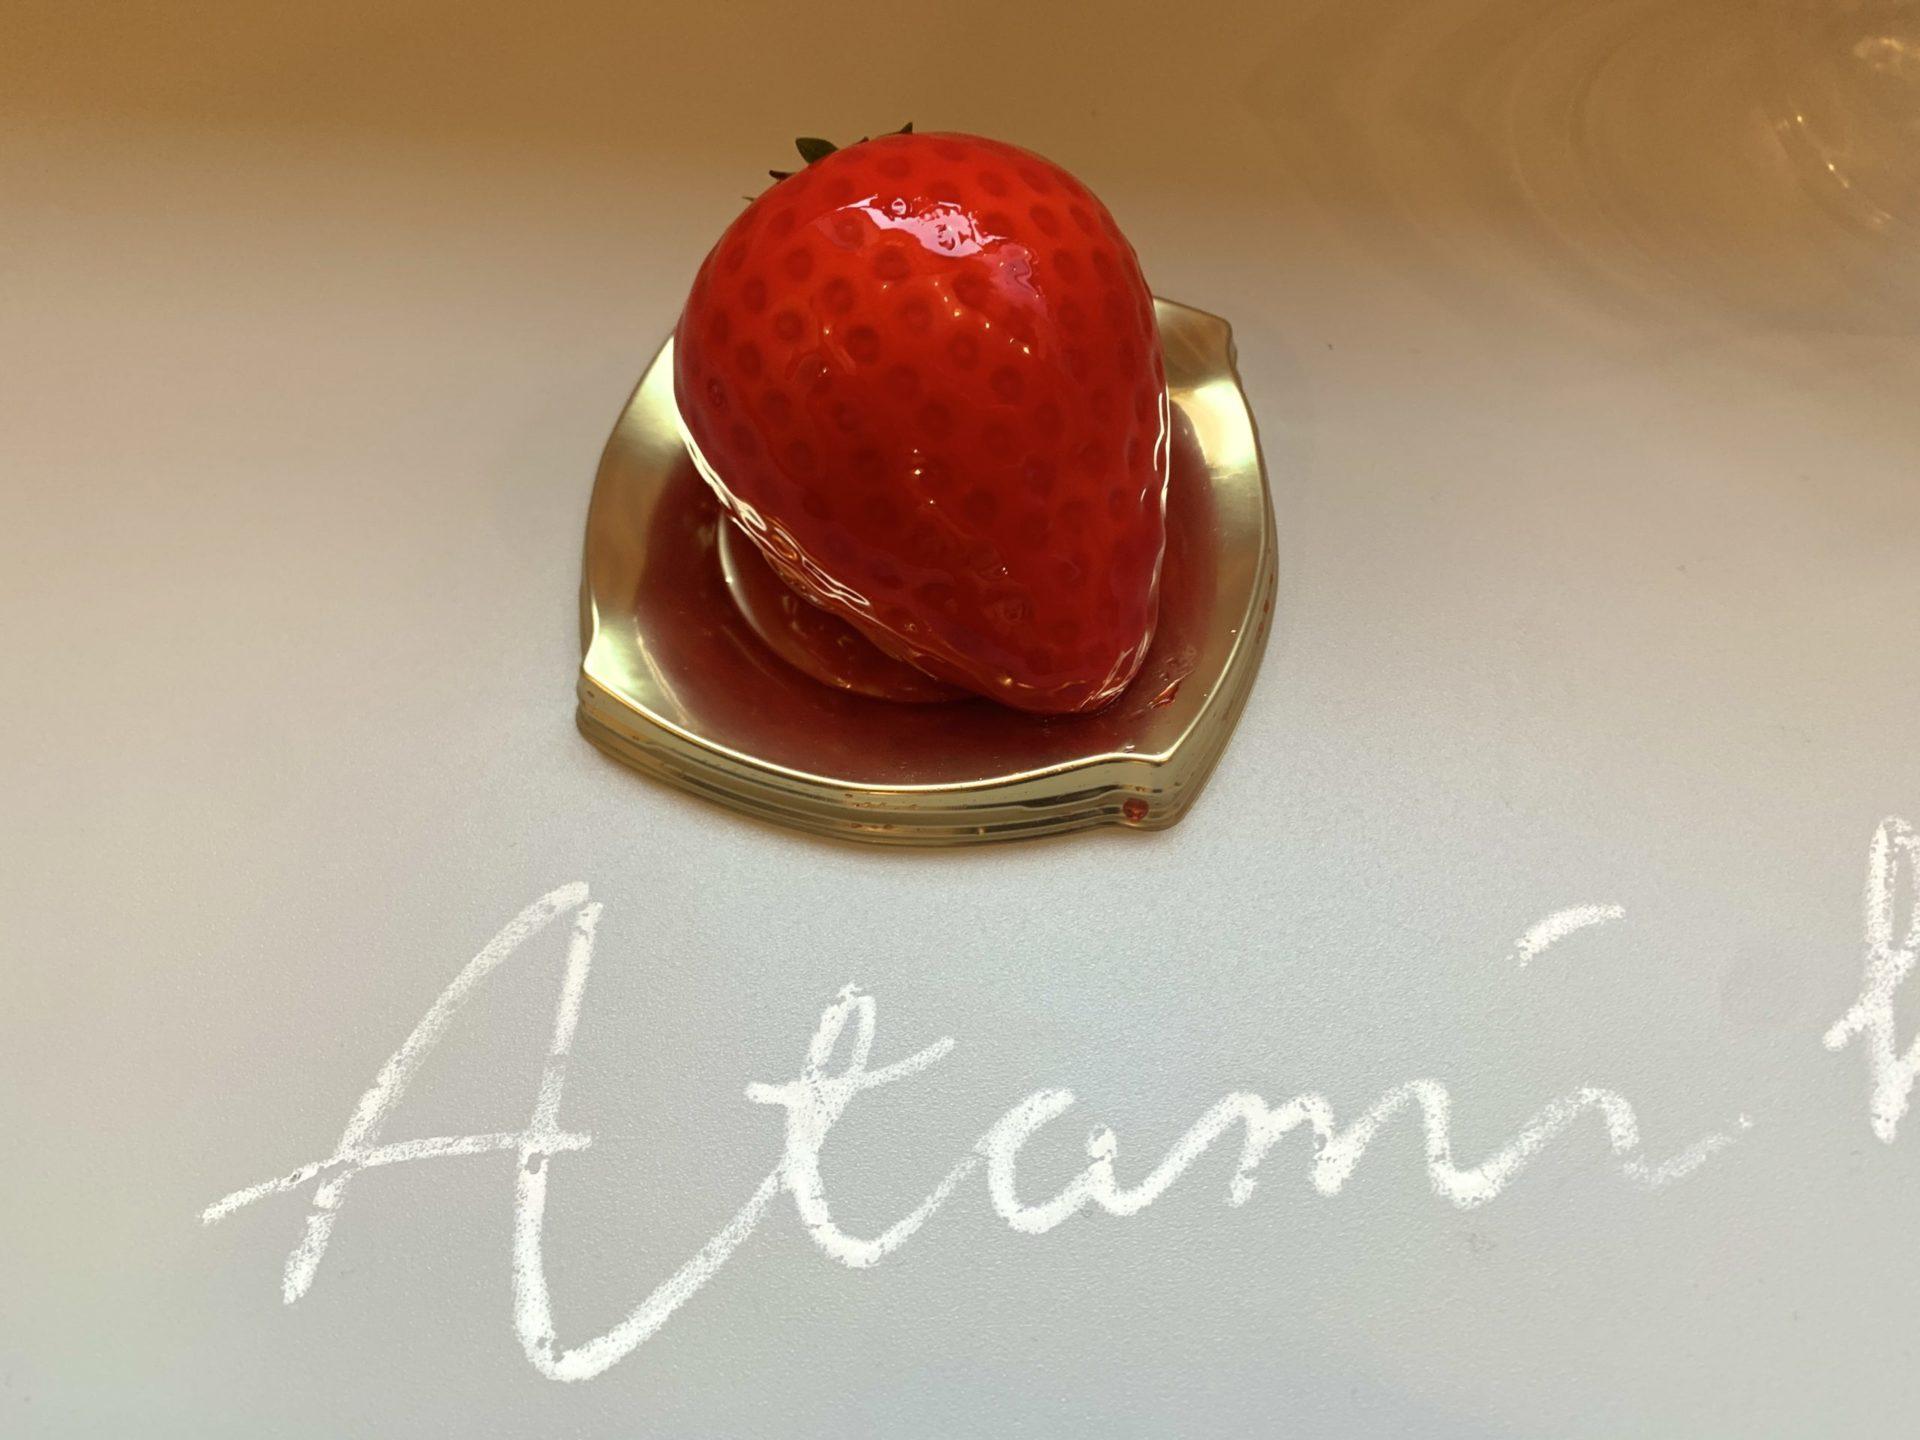 いちごBonBonBERRY ATAMI HOUSE. いちごのババロア